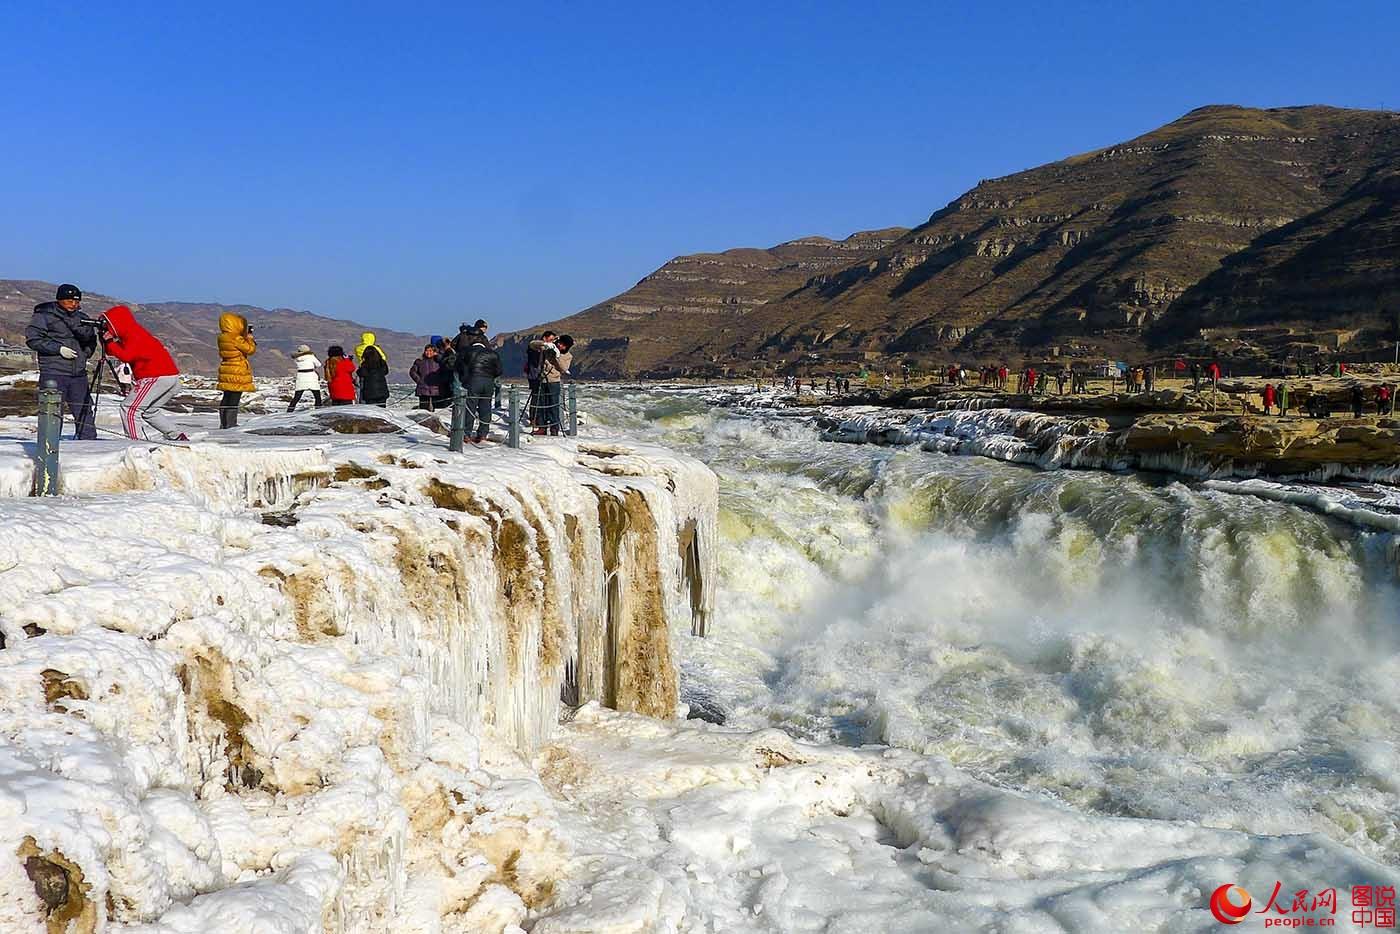 秋看红叶冬看冰   黄河壶口瀑布美丽壮观的冰瀑冰挂(组图)